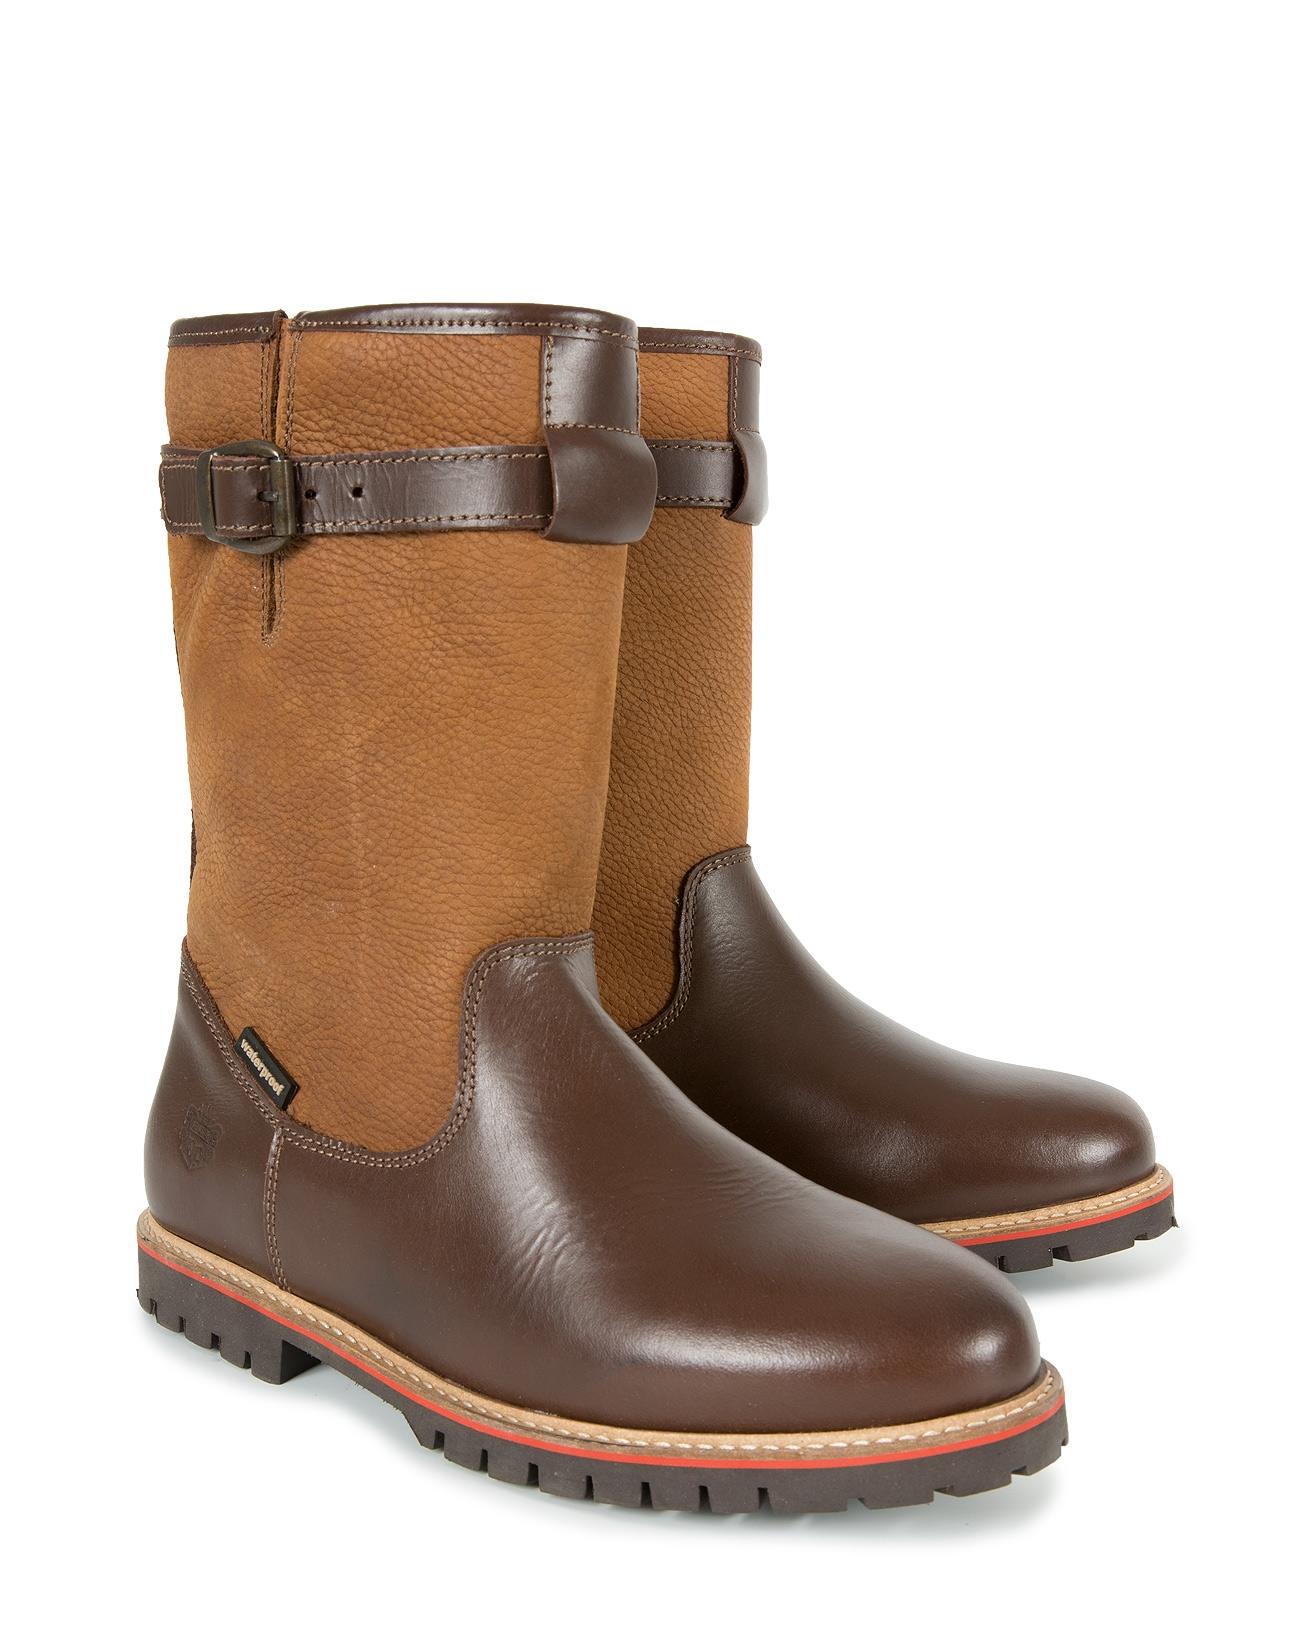 7527-waterproof boot -calf-pair.jpg